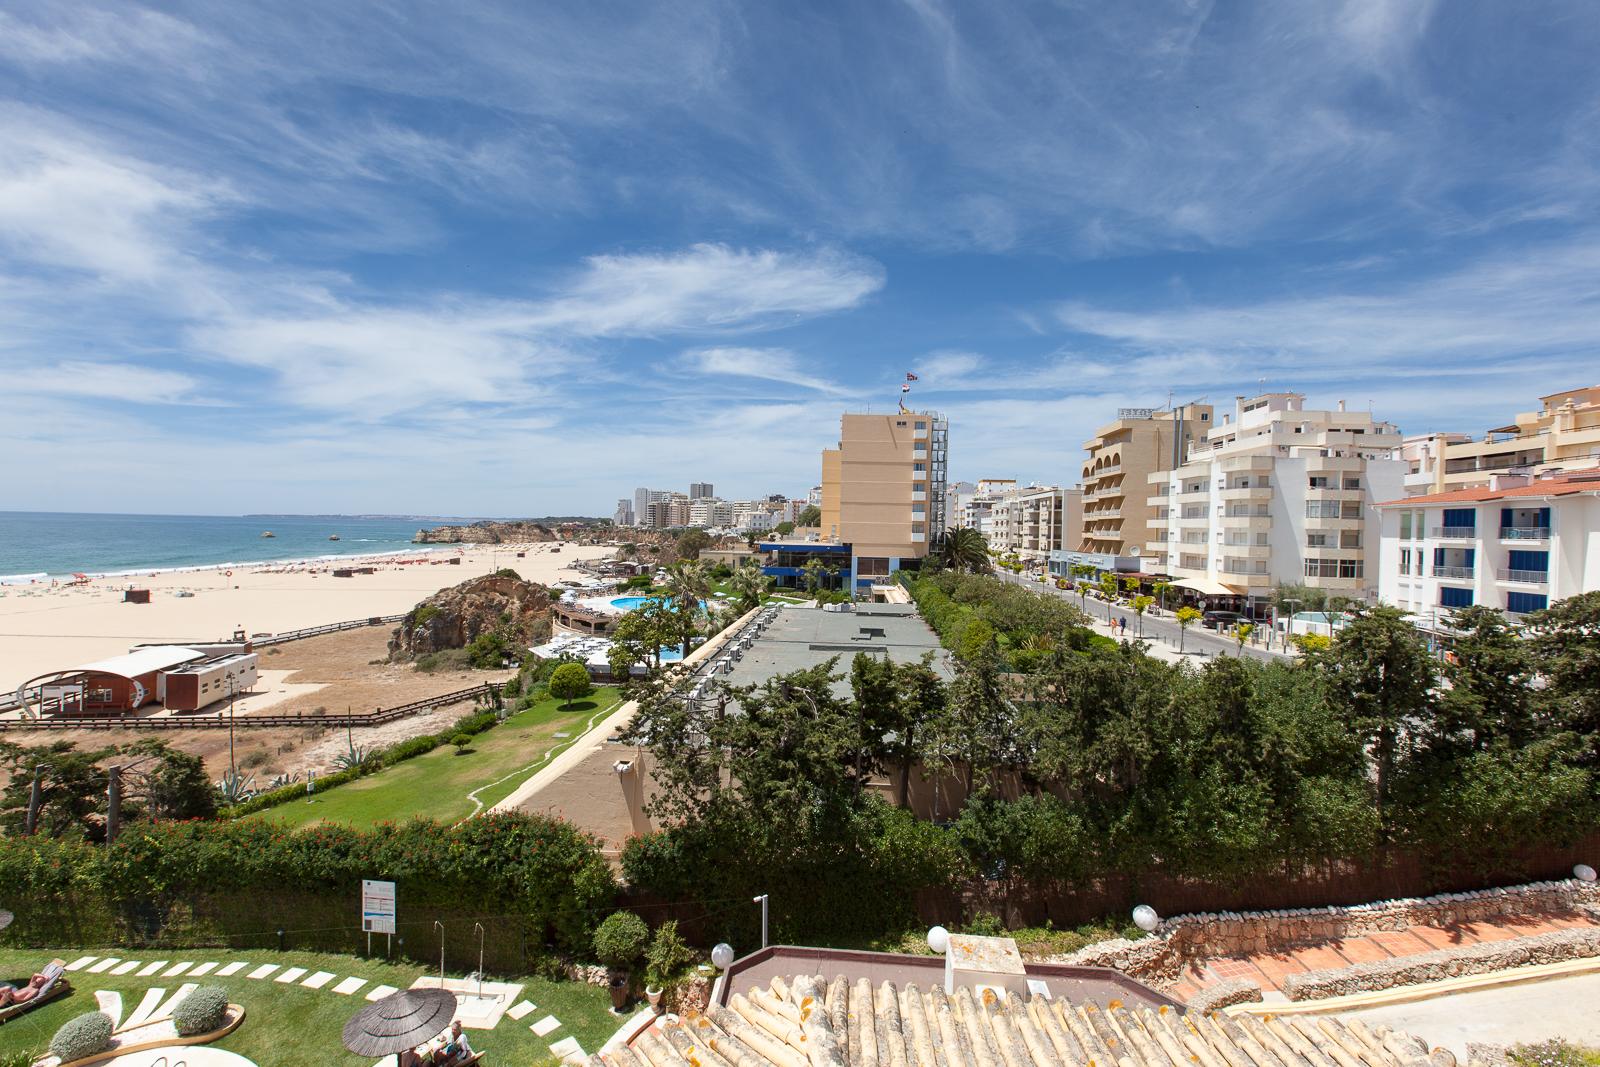 Dag02-Algarve-005-IMG_48891